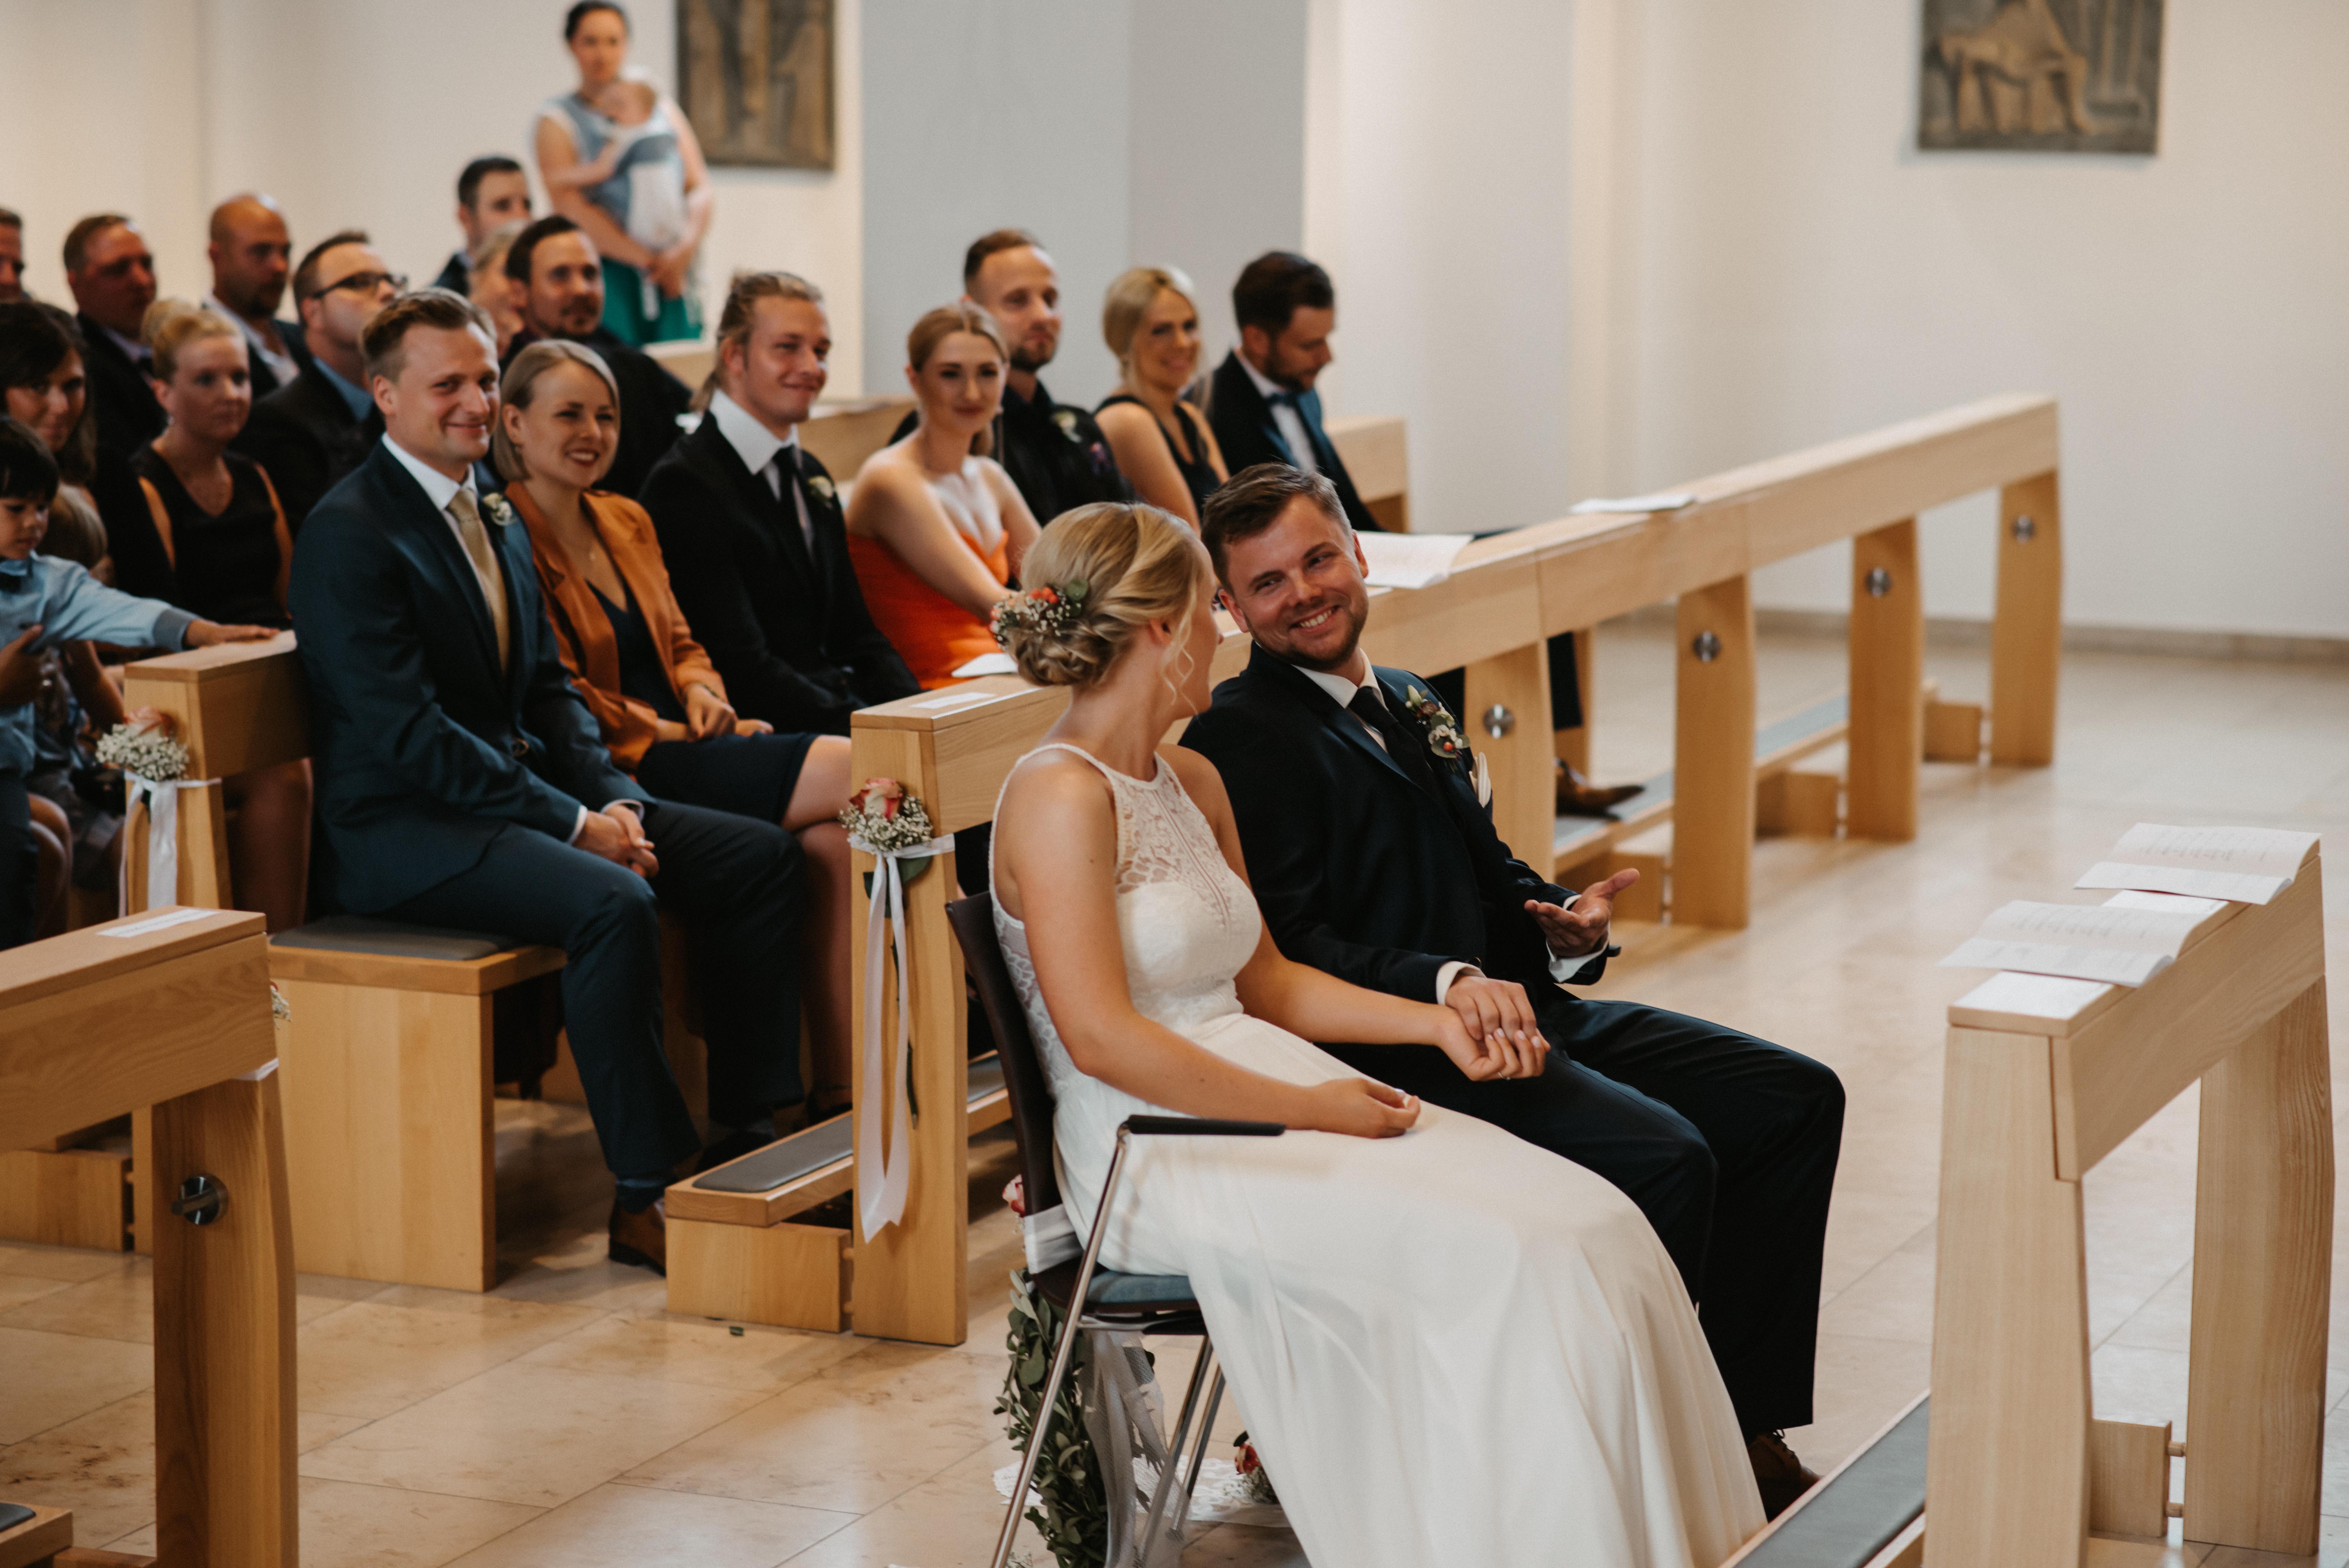 HochzeitWerner020819 (340 von 1113)